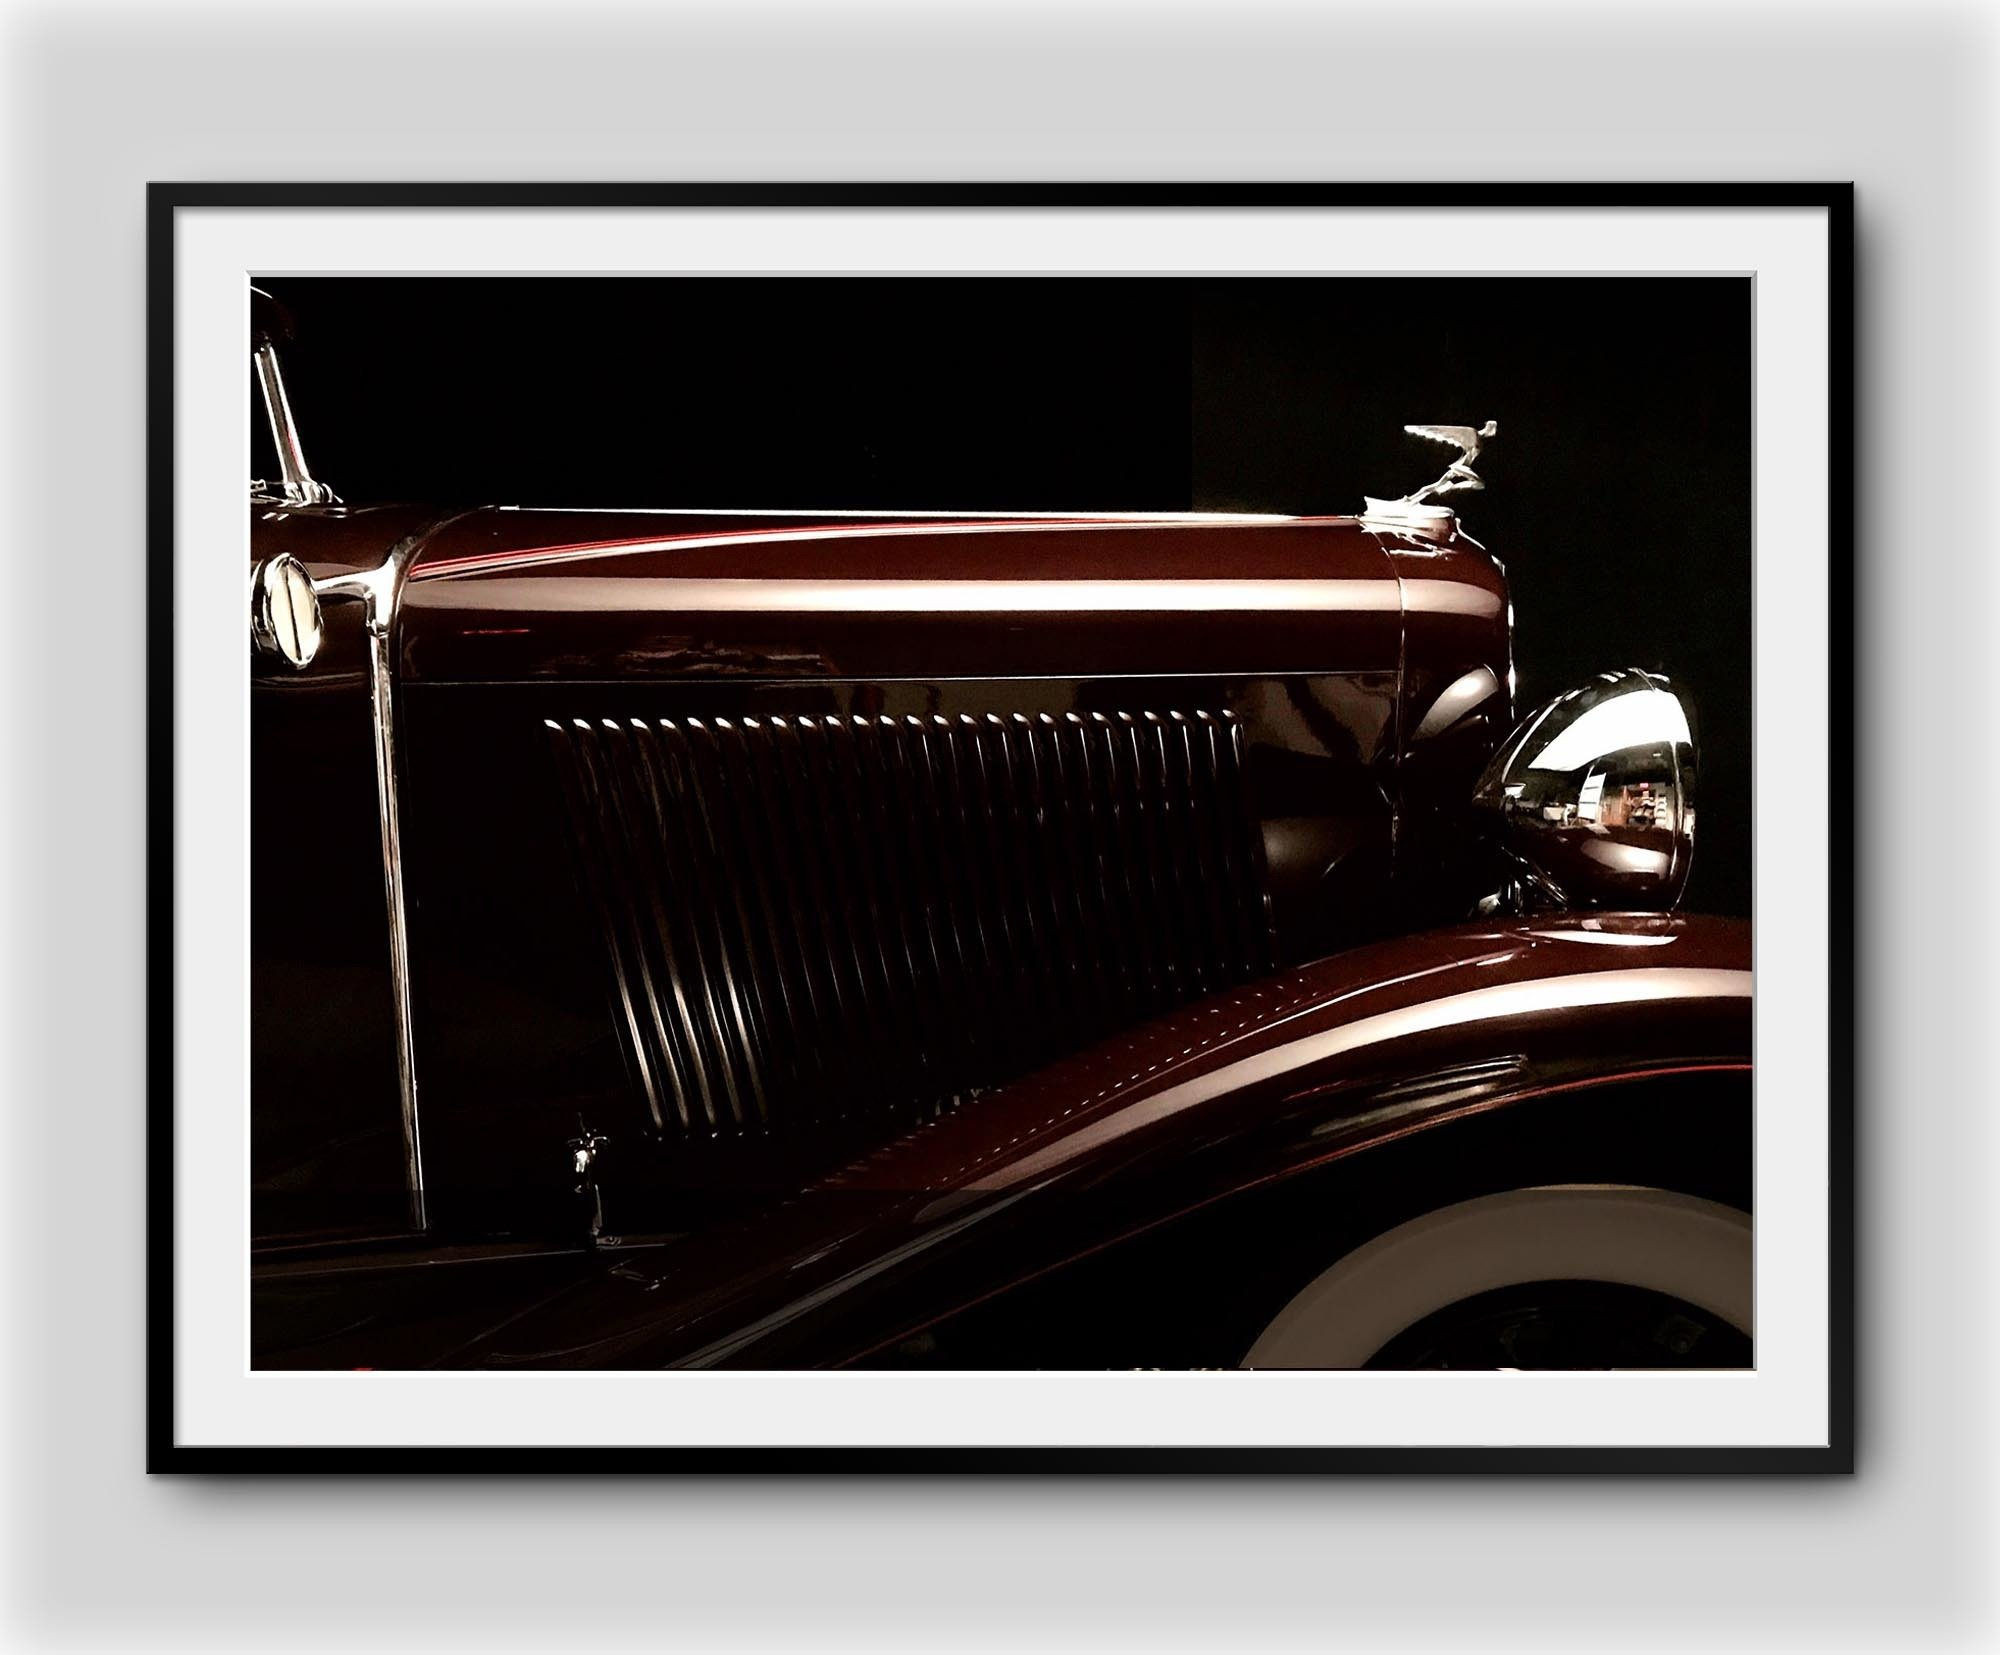 Motorology DesignDriven Series 1931 Auburn 1C Framed Print 18 x 24 M0262FP0003